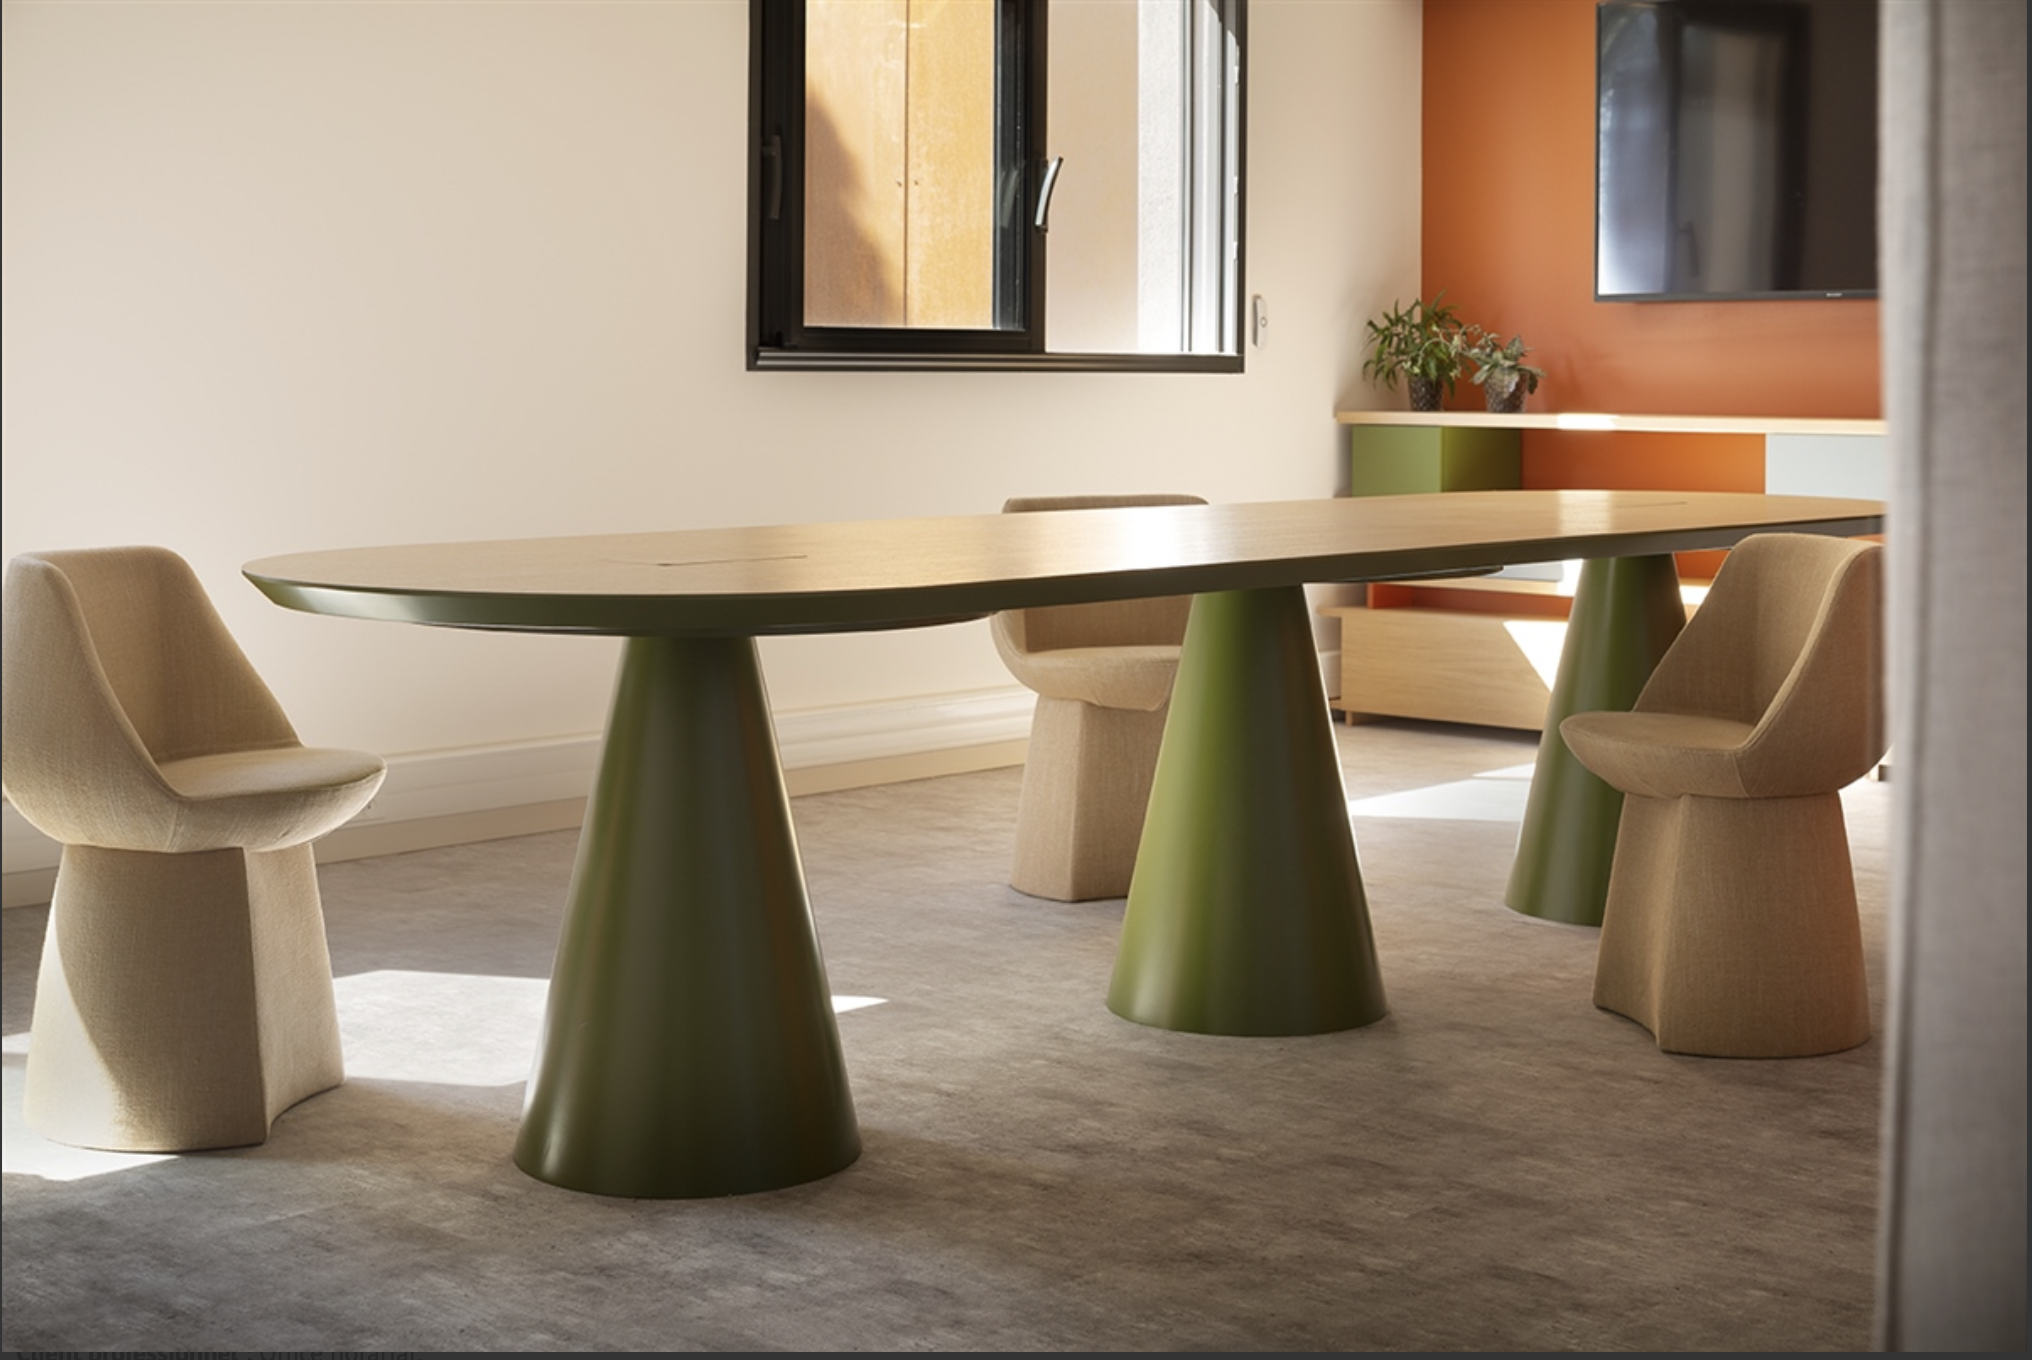 Table seventie's table de réunion designer